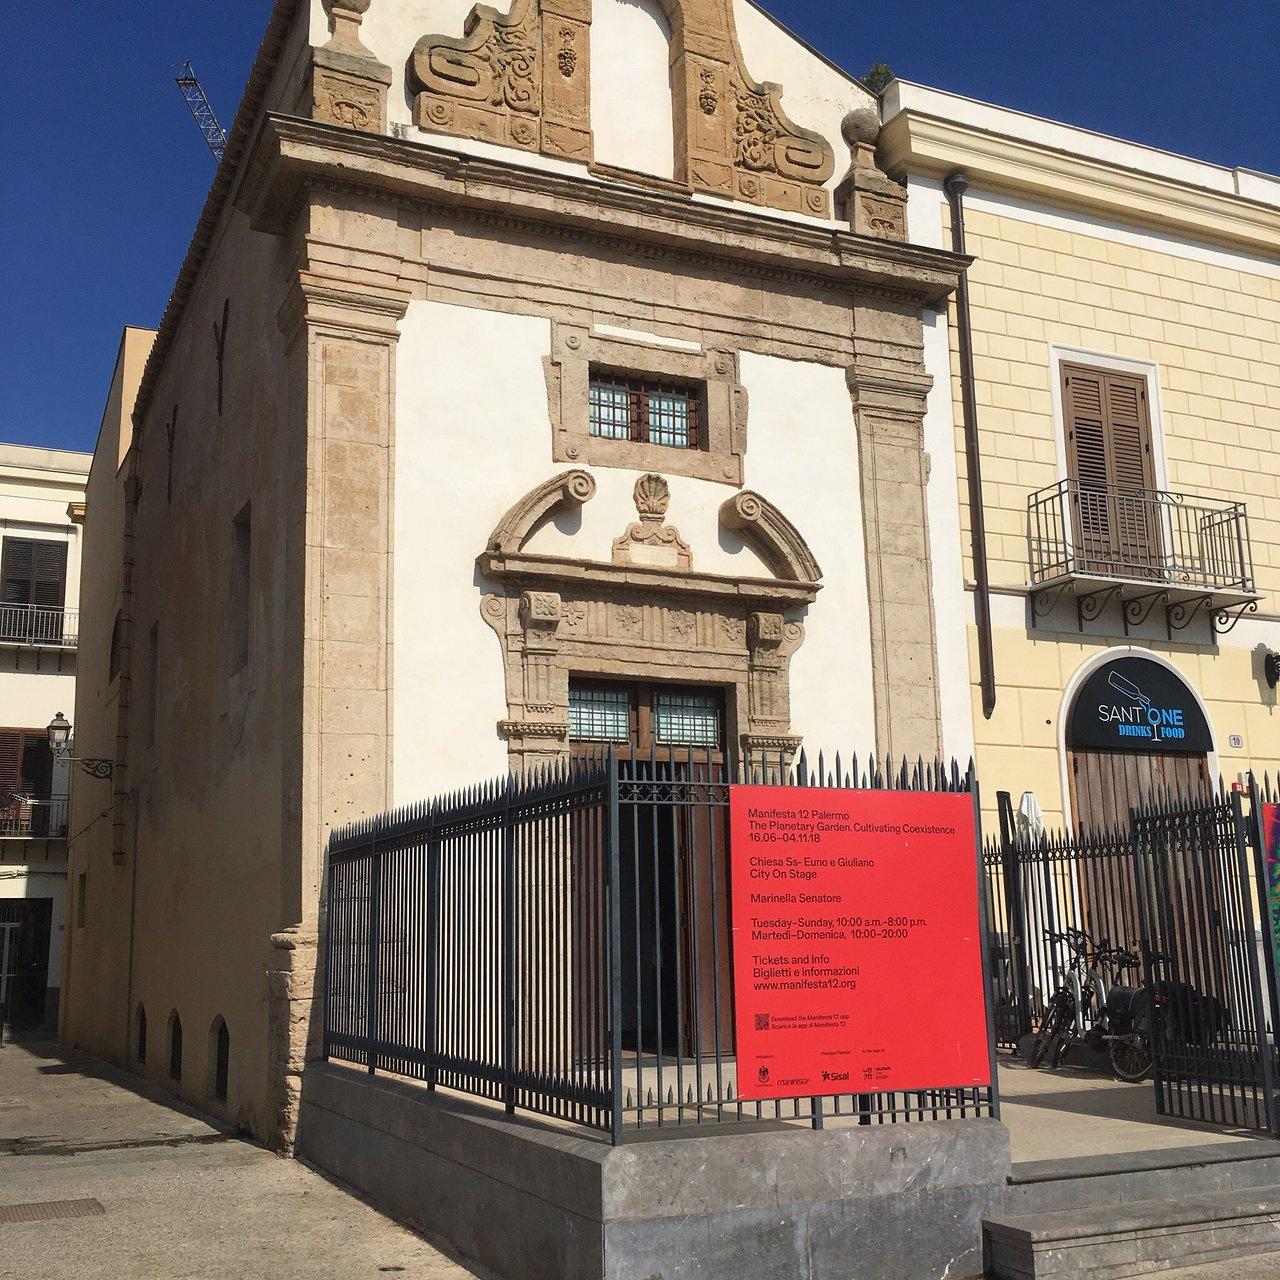 Chiesa dei Santi Euno e Giuliano